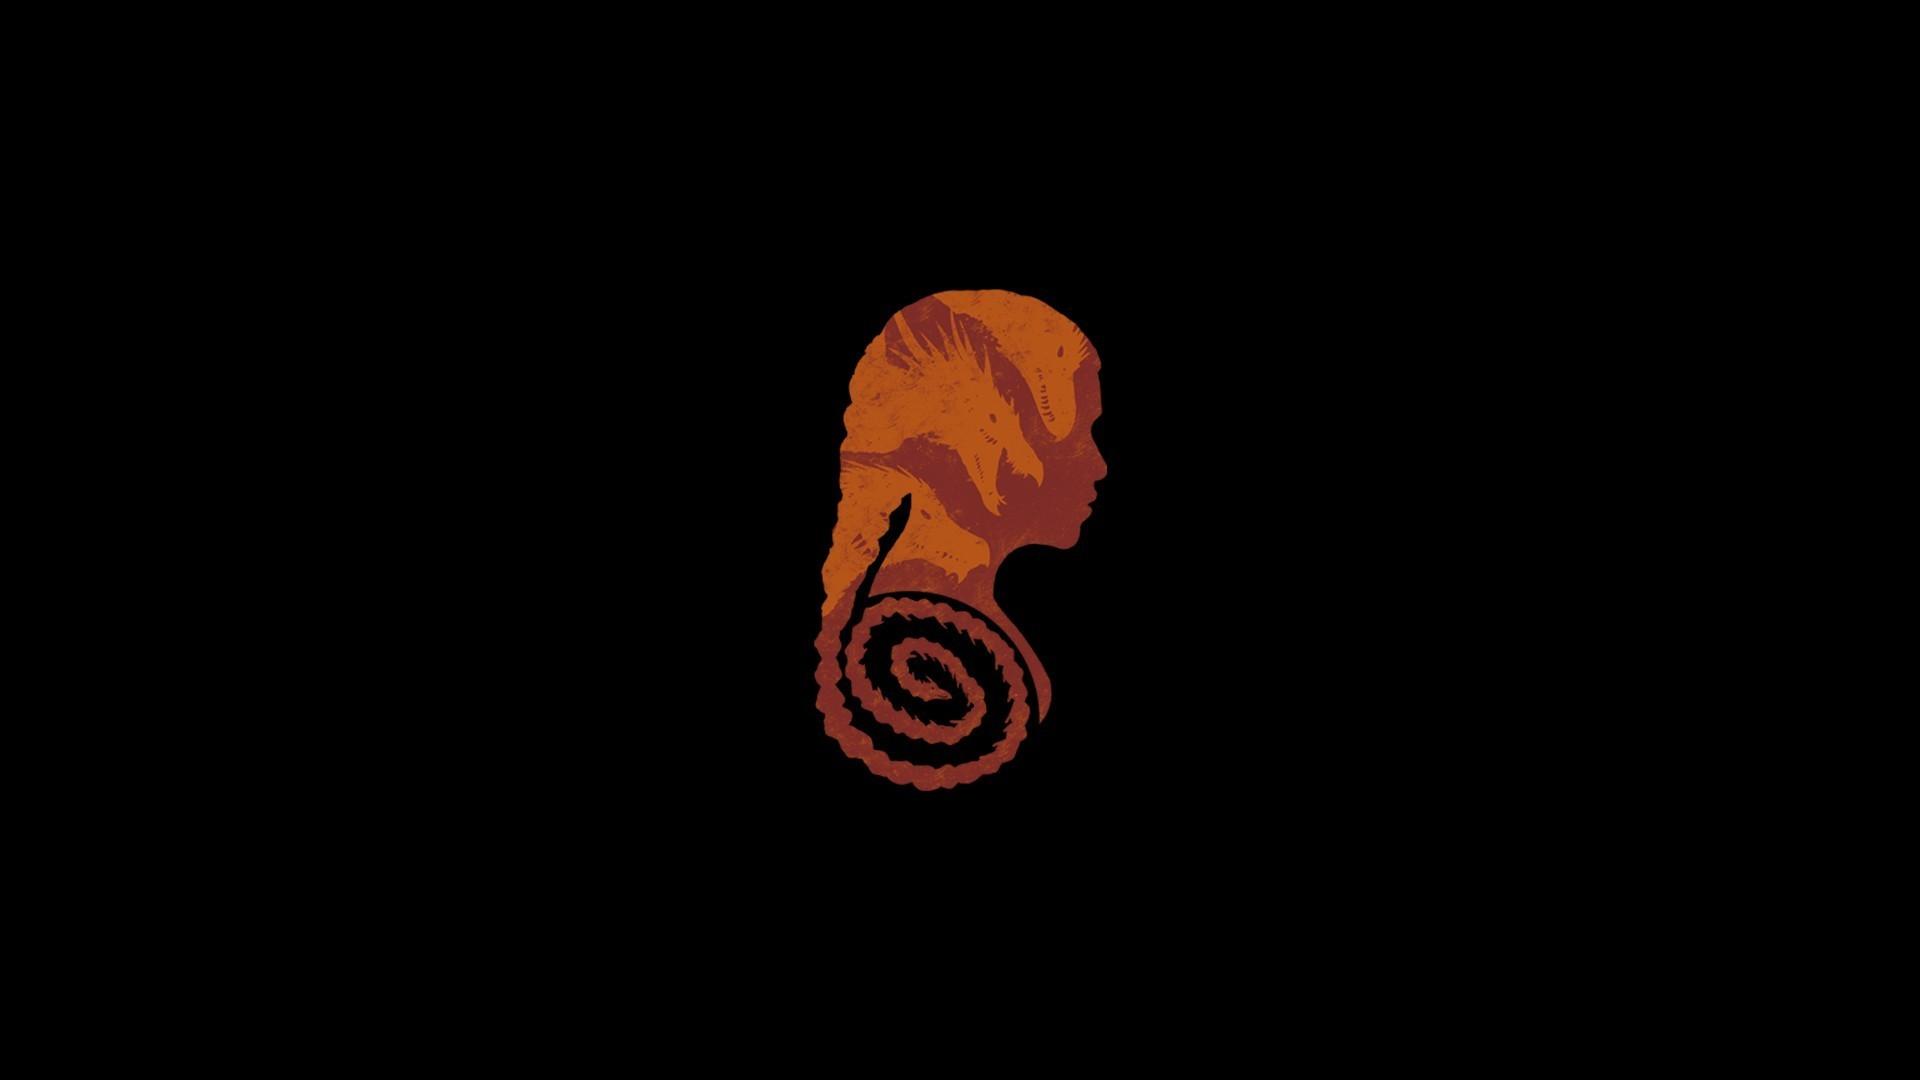 #Daenerys Targaryen, #minimalism, #Game of Thrones … Game Of